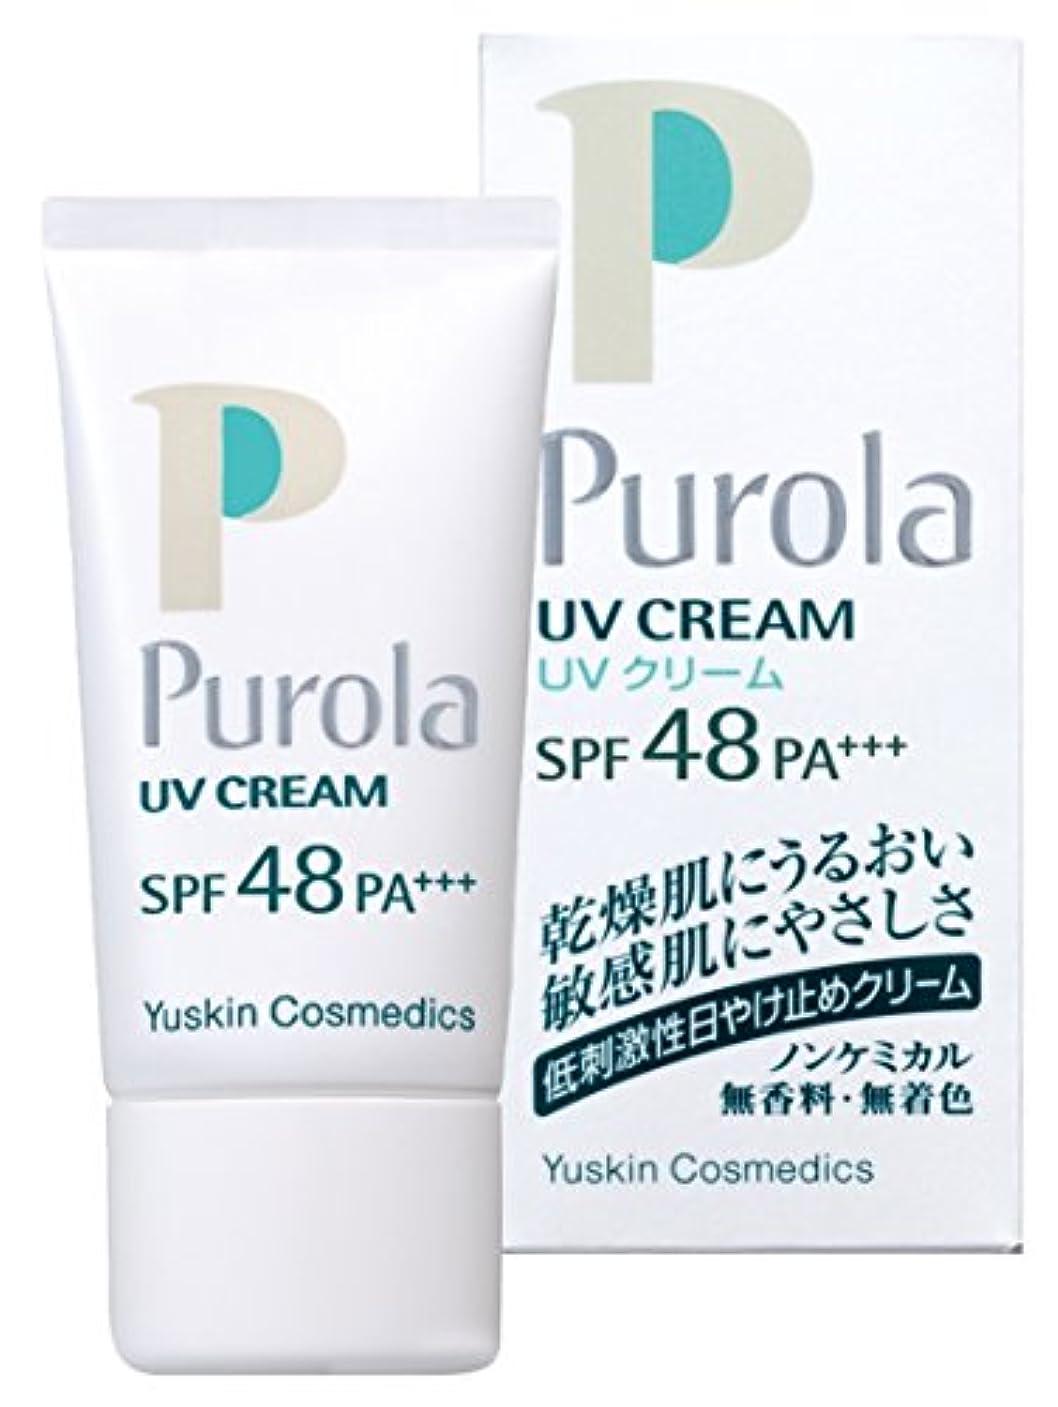 ジュニアアサー付添人プローラ UVクリーム 30g SPF48 PA+++ (敏感肌用 日焼け止め)